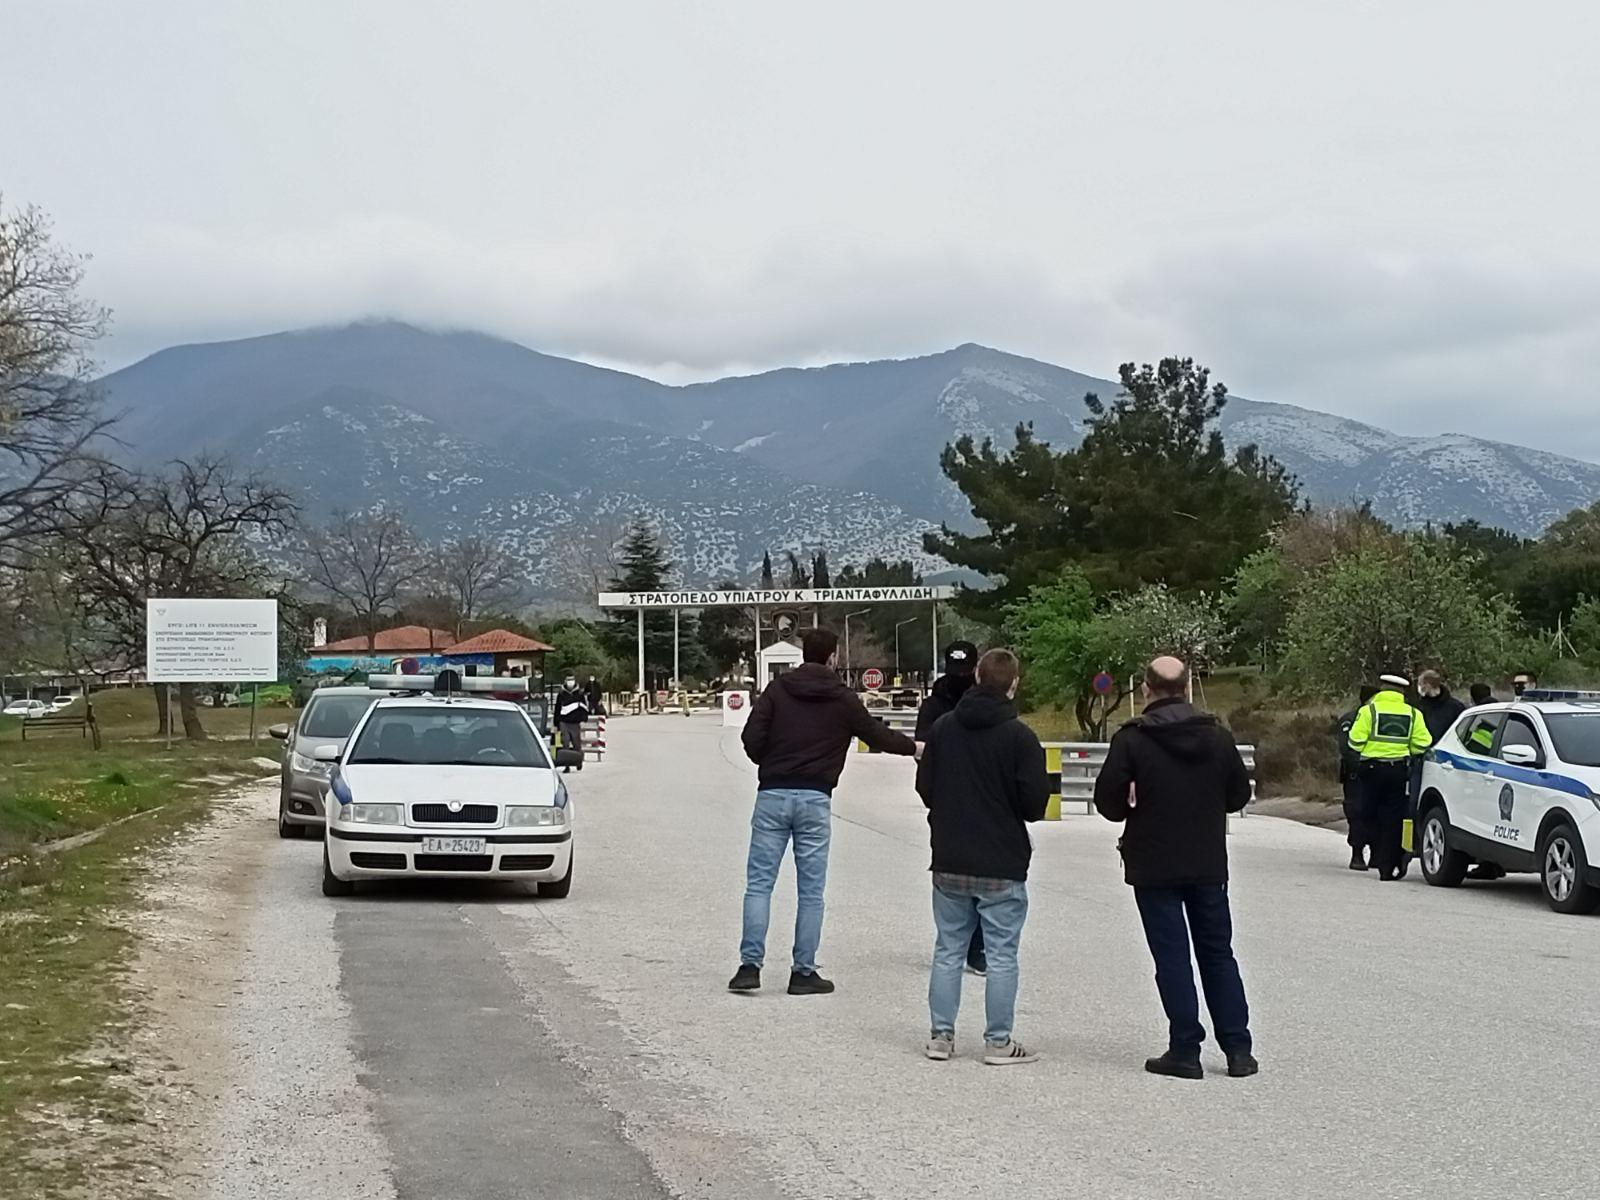 Κινητοποίηση κατά του ΝΑΤΟ στο Πετροχώρι από το ΚΚΕ